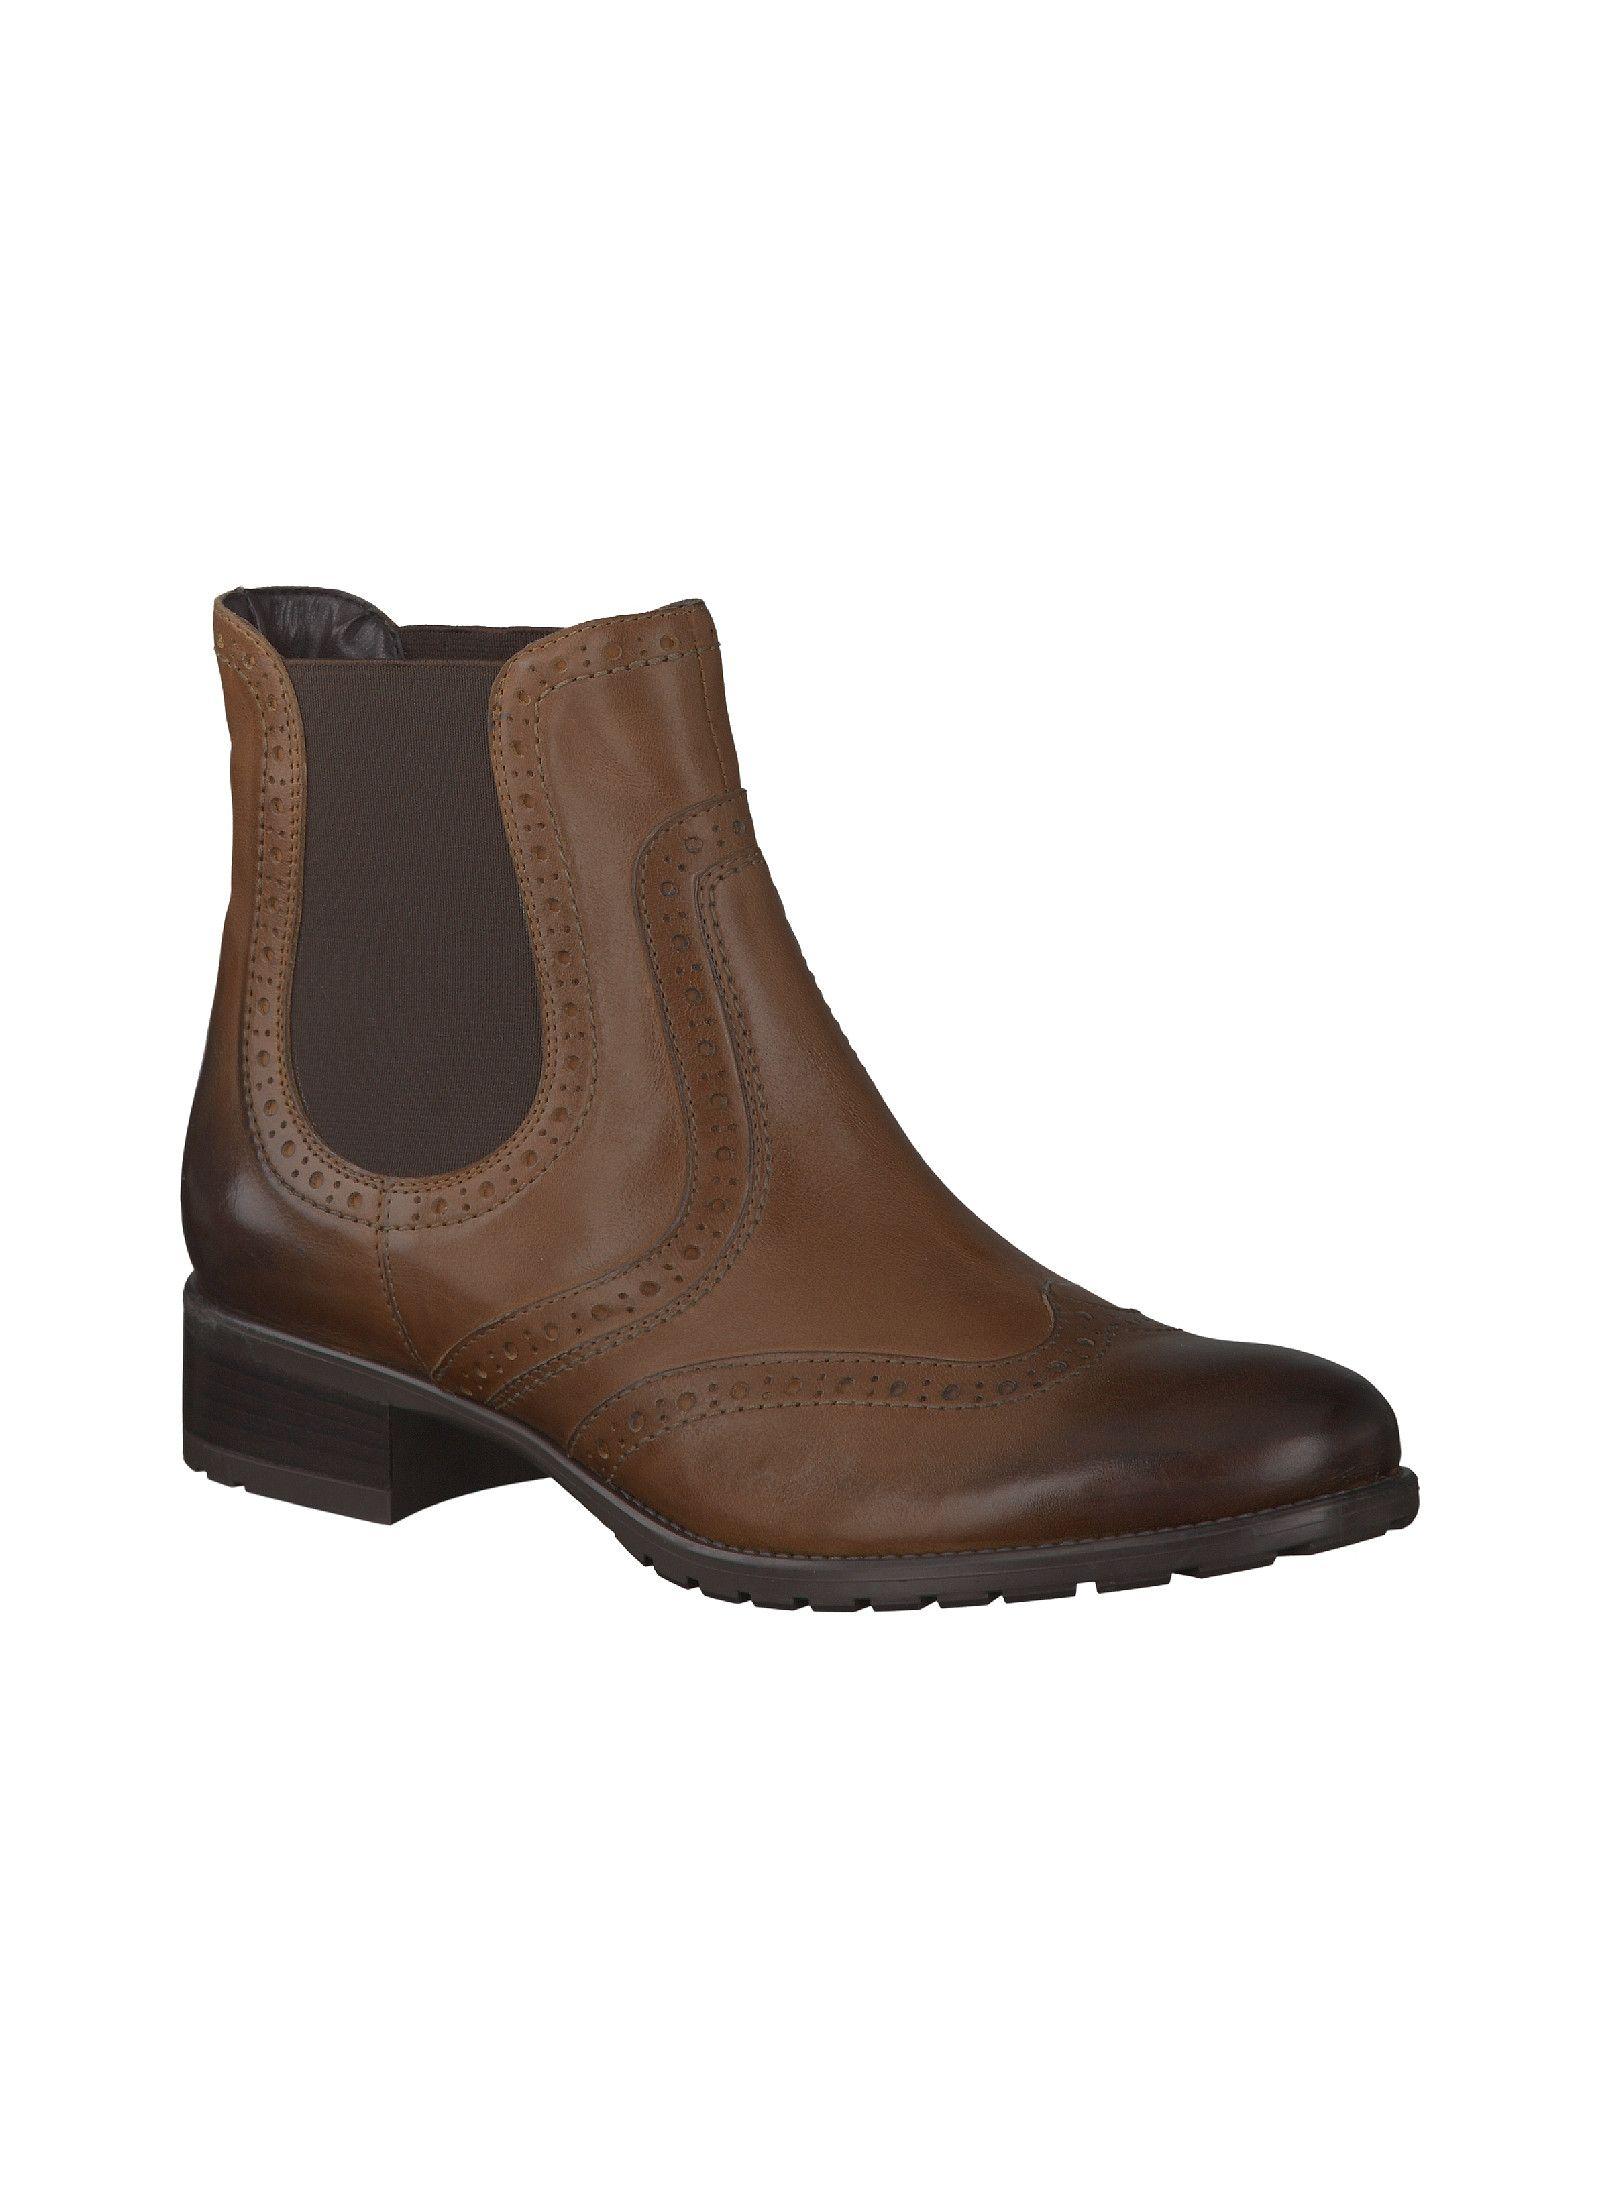 Reno Venturini Stiefelette Mittelbraun Stiefeletten Damen Schuhe Reno Online Shop Fur Marken Schuhe Ankle Boot Boots Chelsea Boots